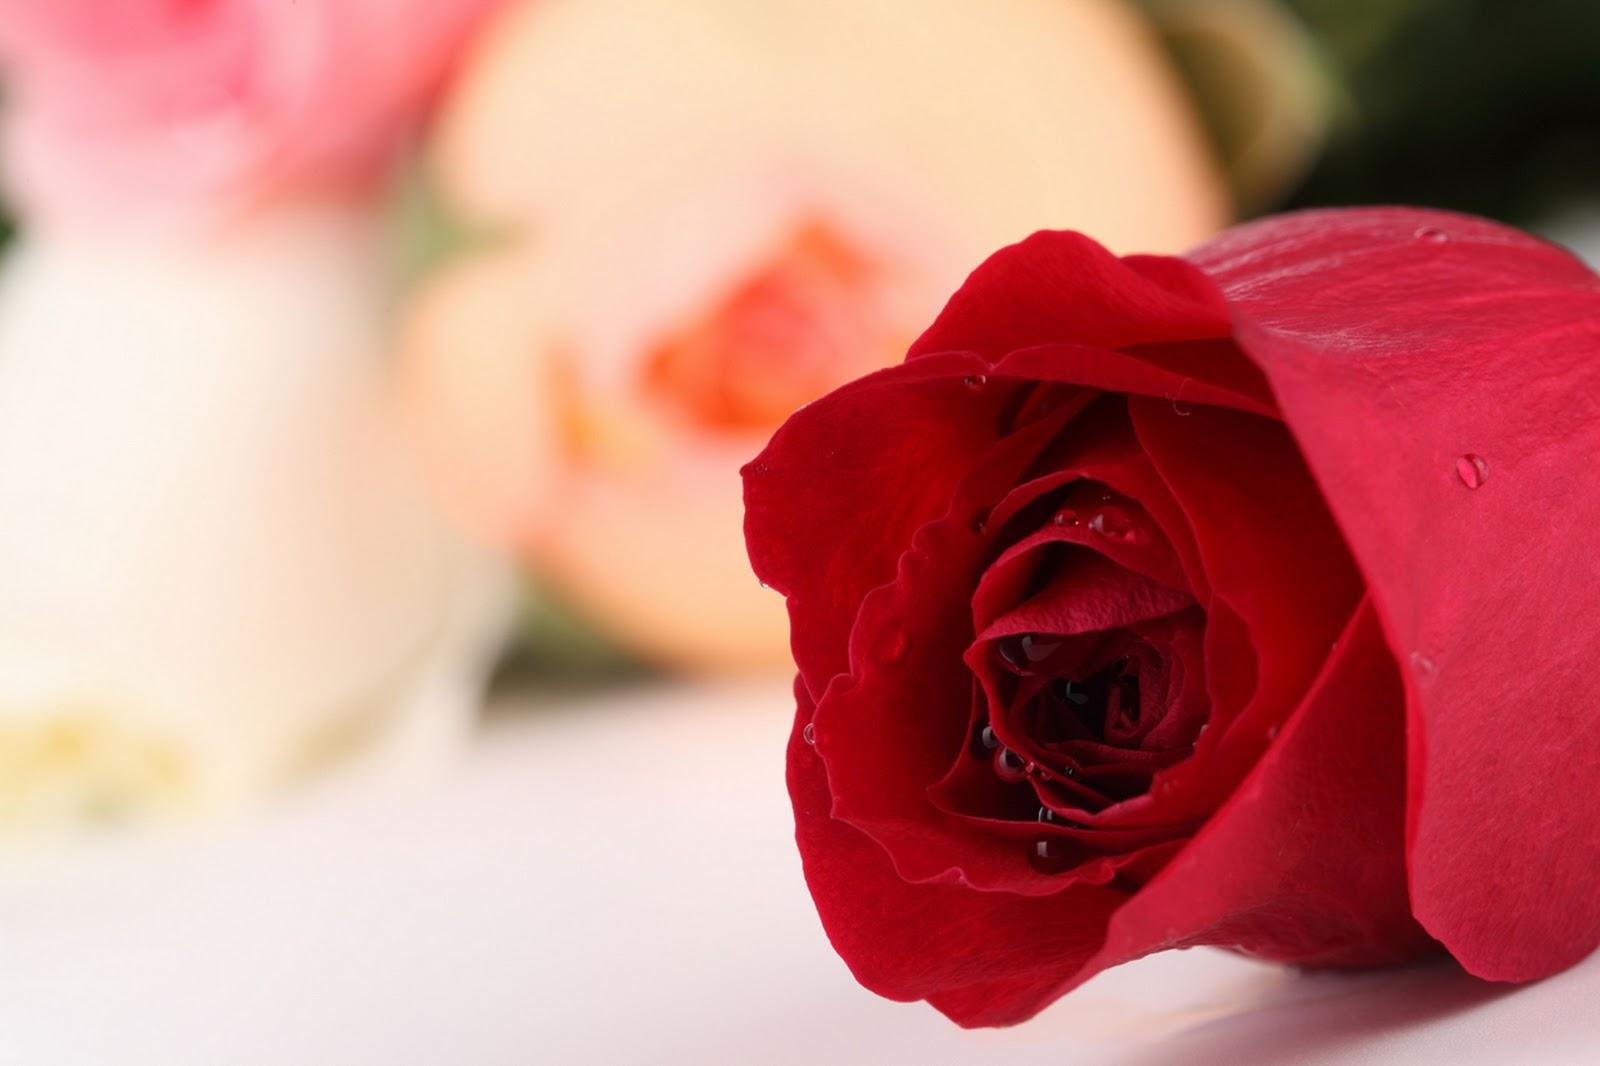 http://3.bp.blogspot.com/-znWF_TfBuTQ/TnuQqyOR2iI/AAAAAAAAOOs/lByaejmIHoU/s1600/2.jpg